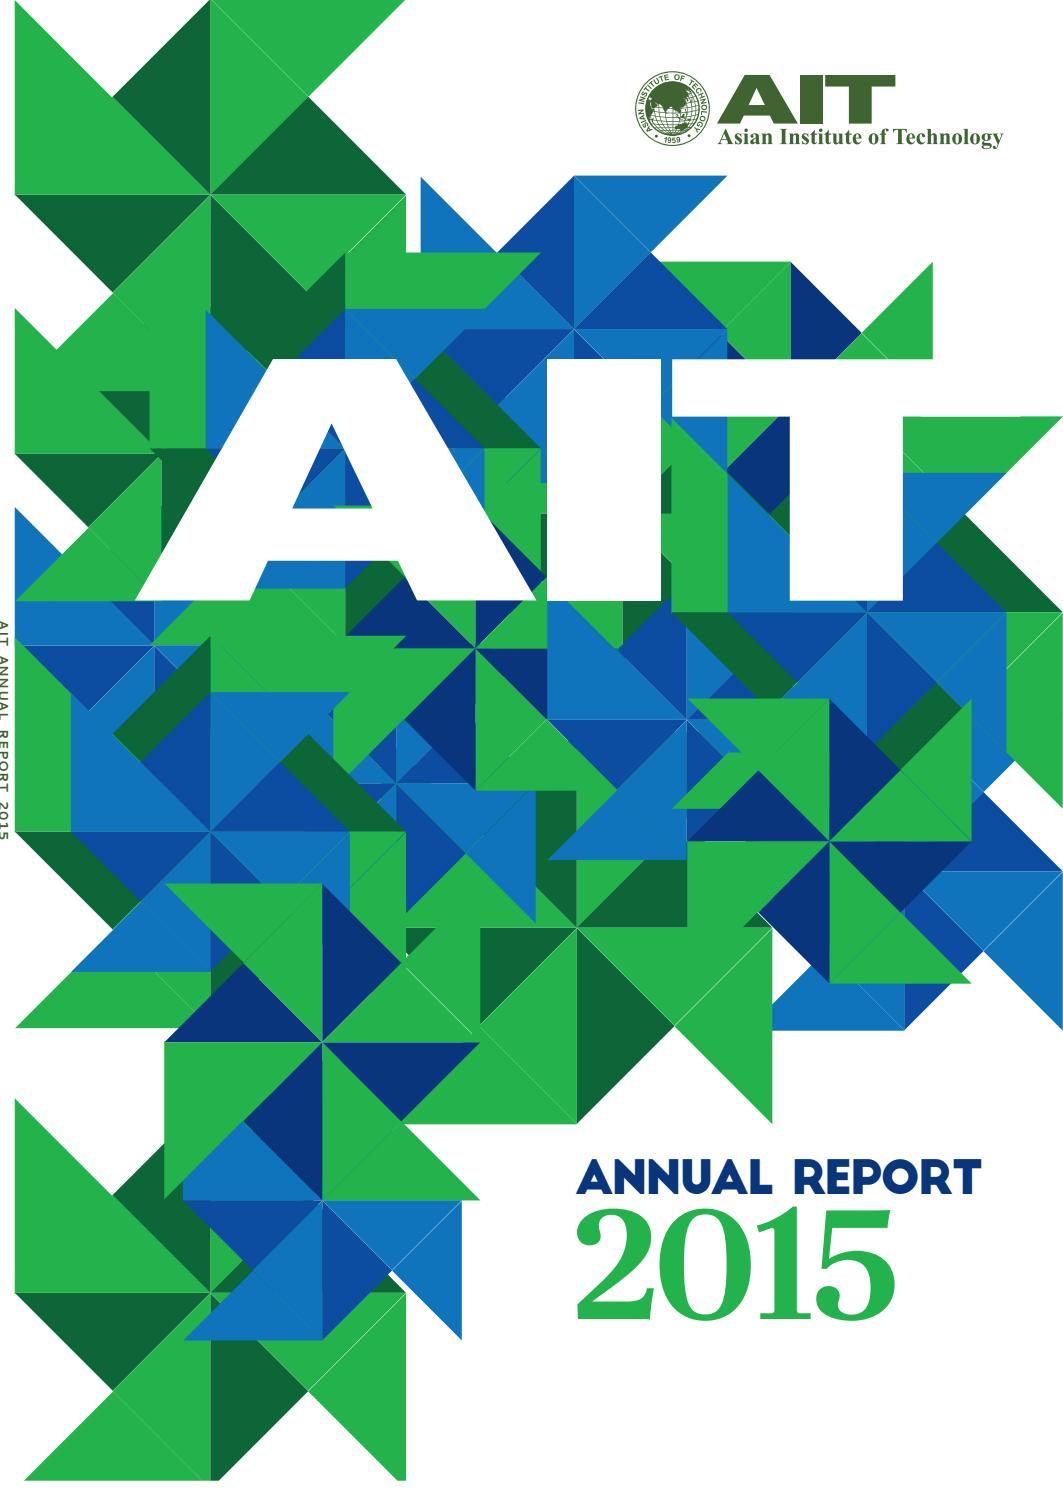 Annual report2015 by Derek Brown - issuu